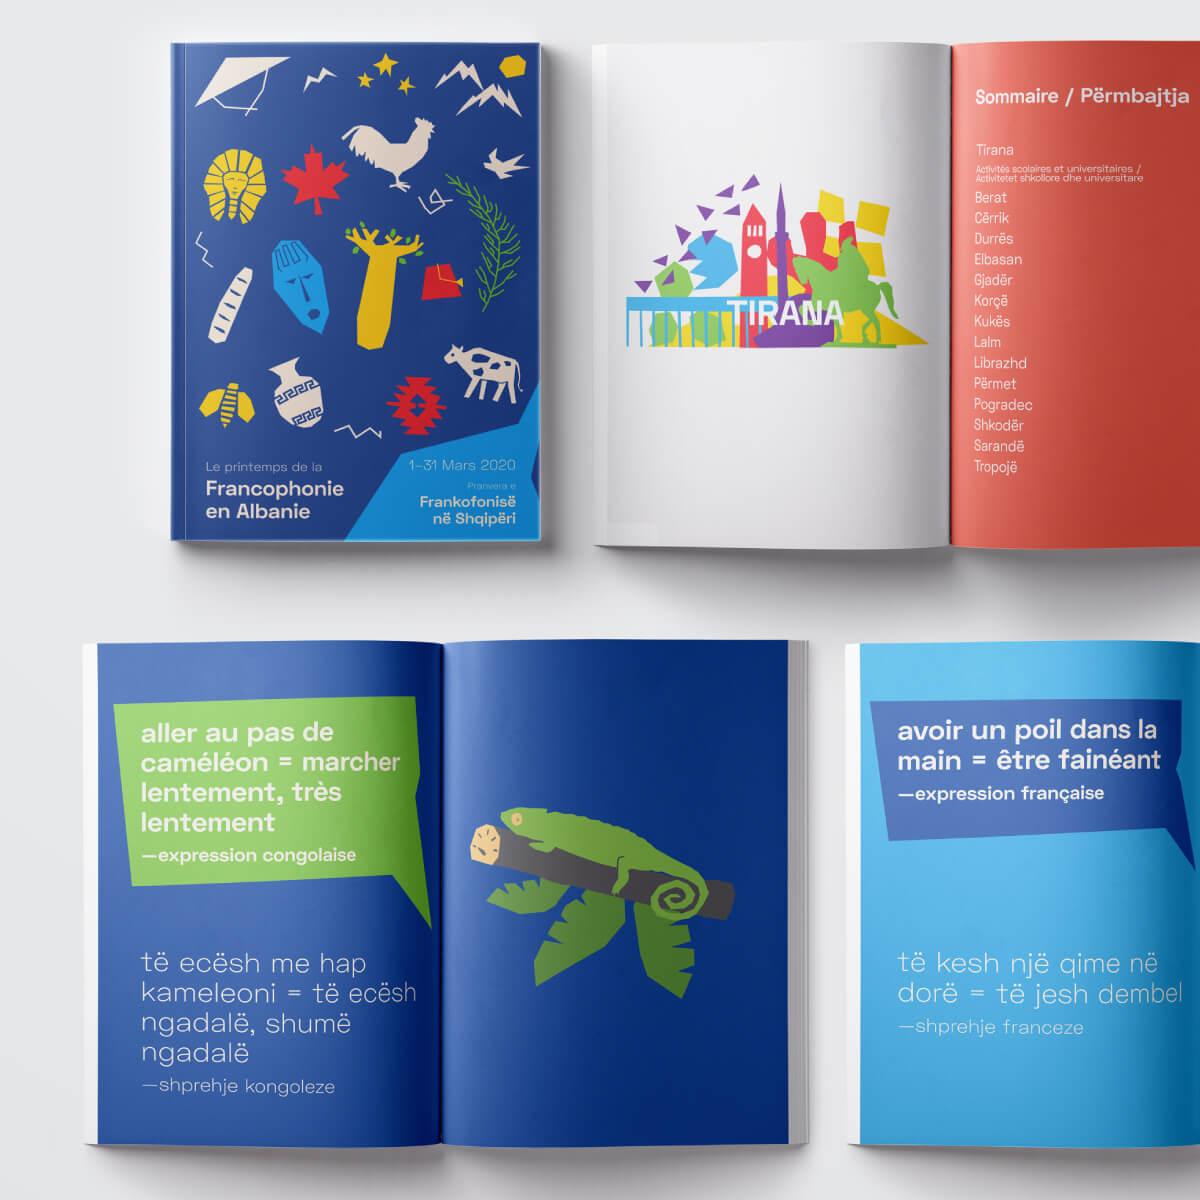 Le printemps de la Francophonie en Albanie 2020 | Booklet side